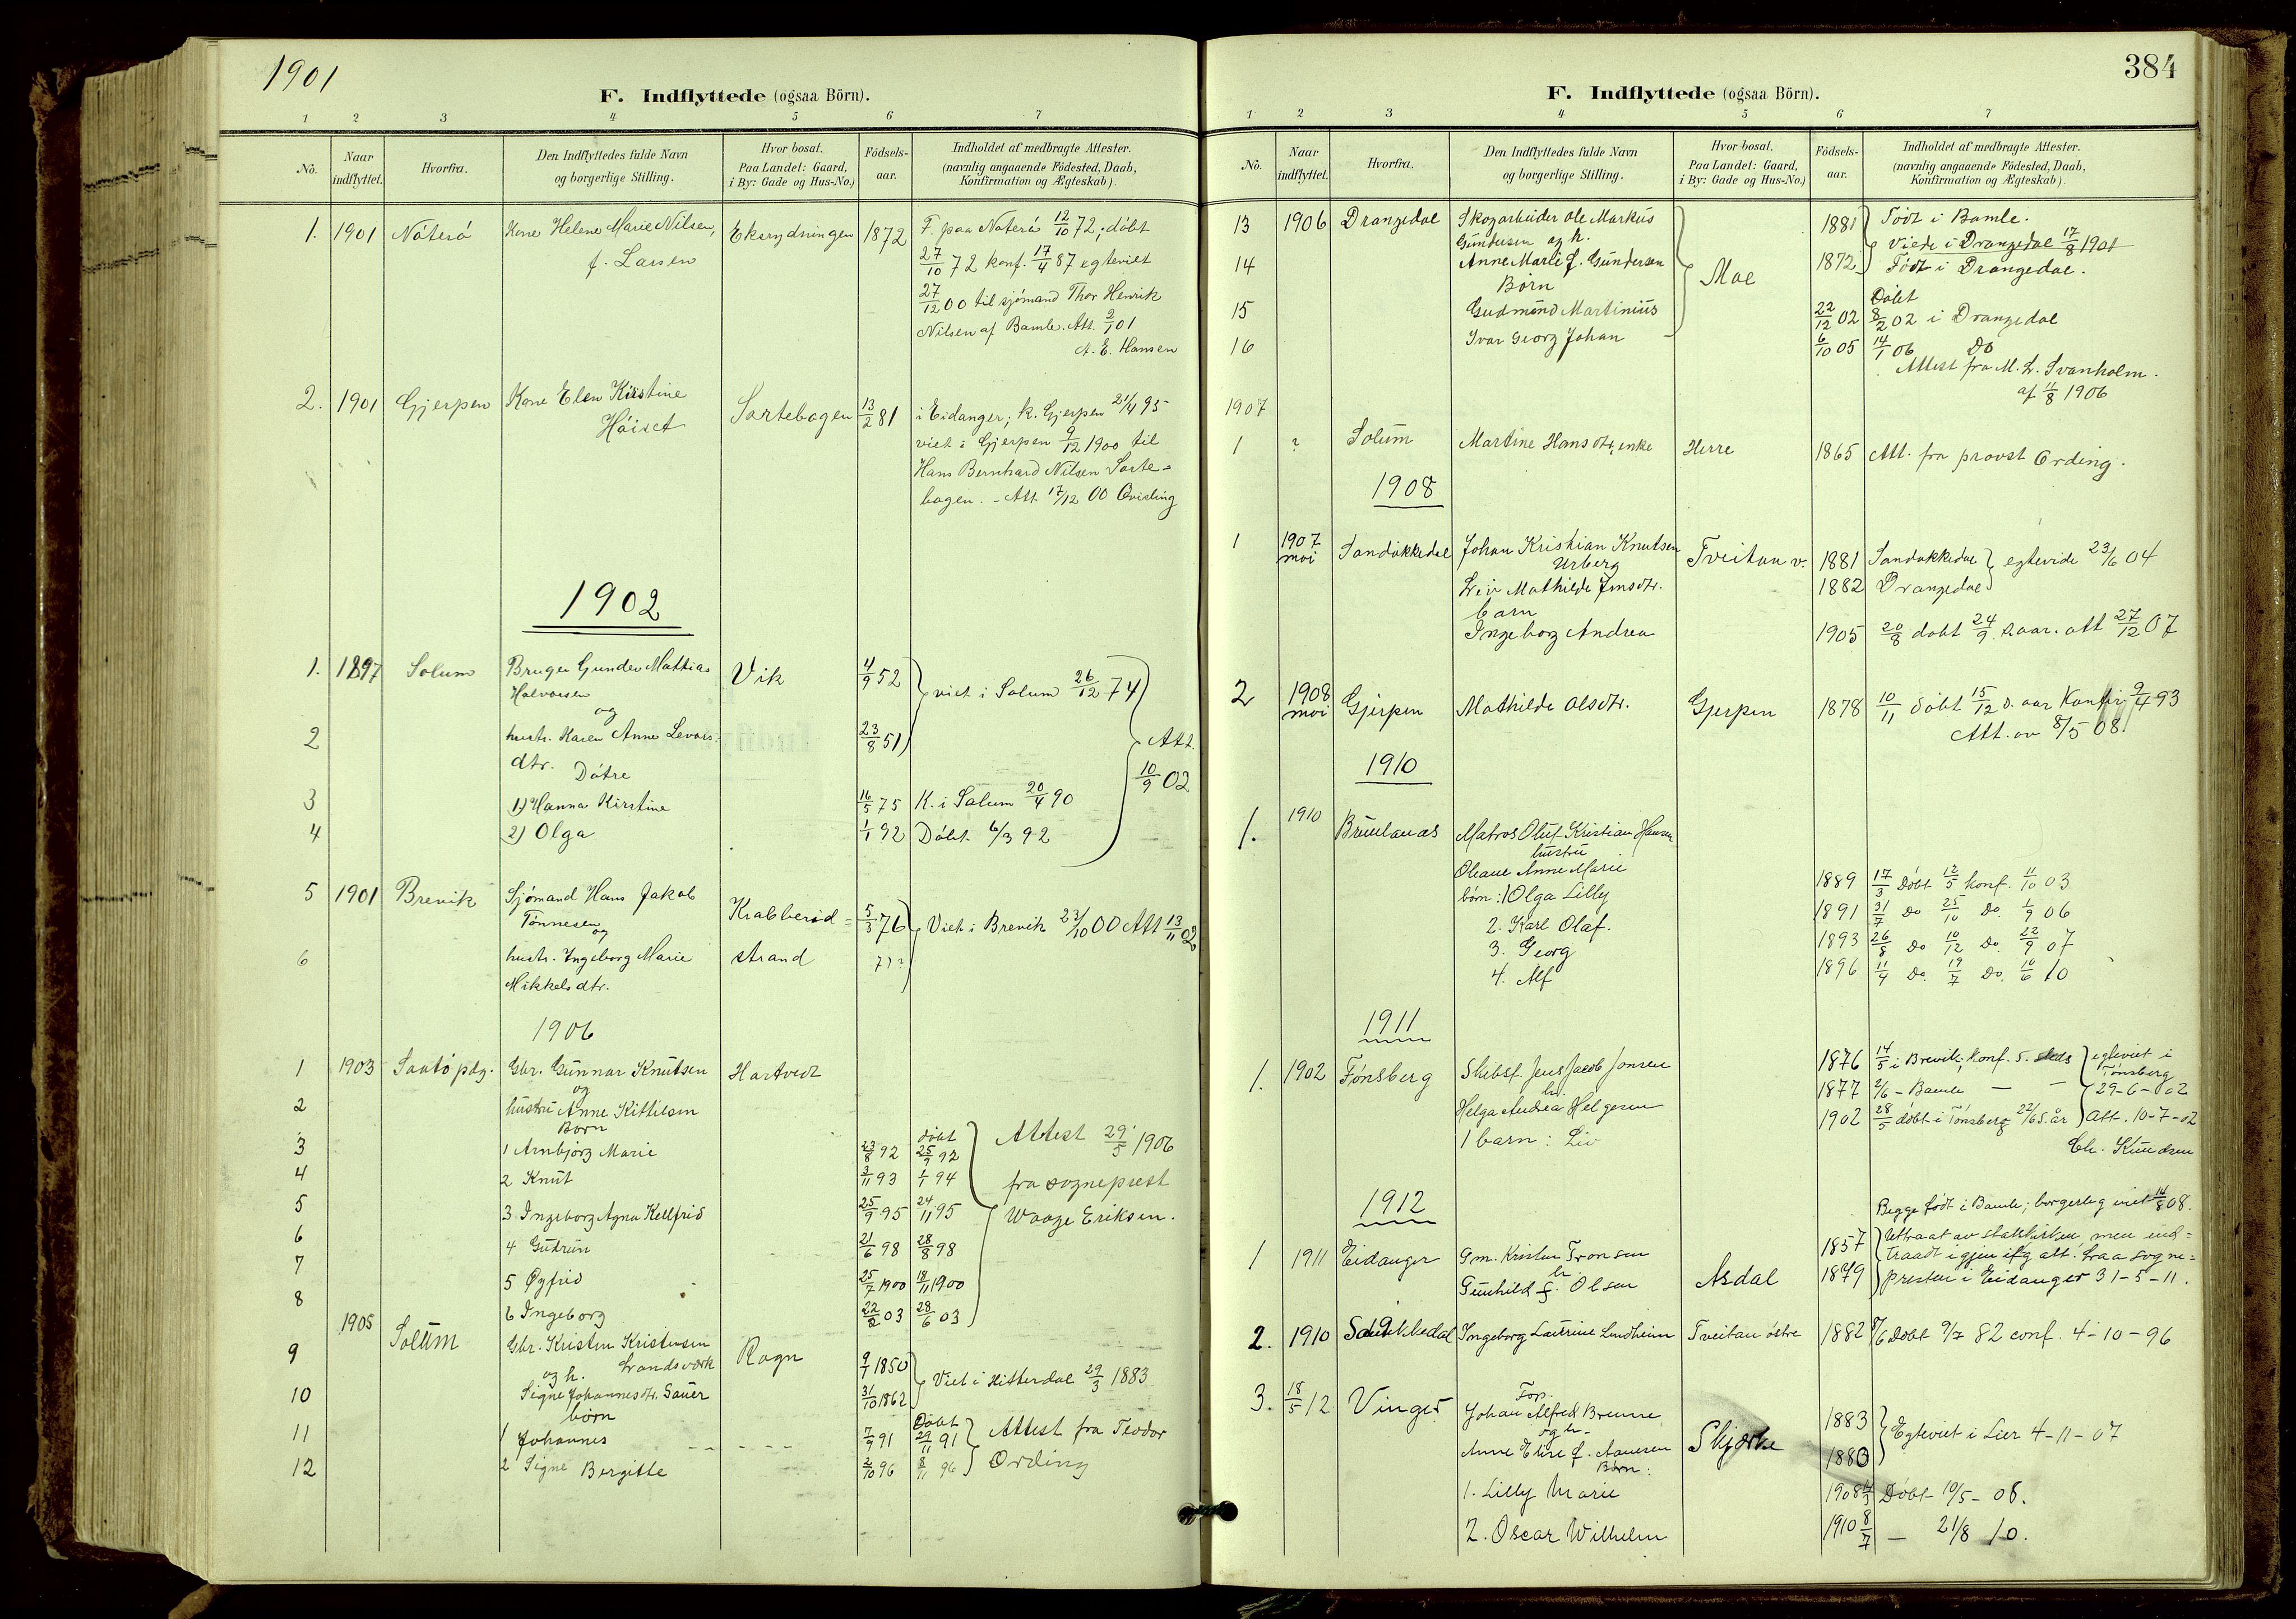 SAKO, Bamble kirkebøker, G/Ga/L0010: Klokkerbok nr. I 10, 1901-1919, s. 384